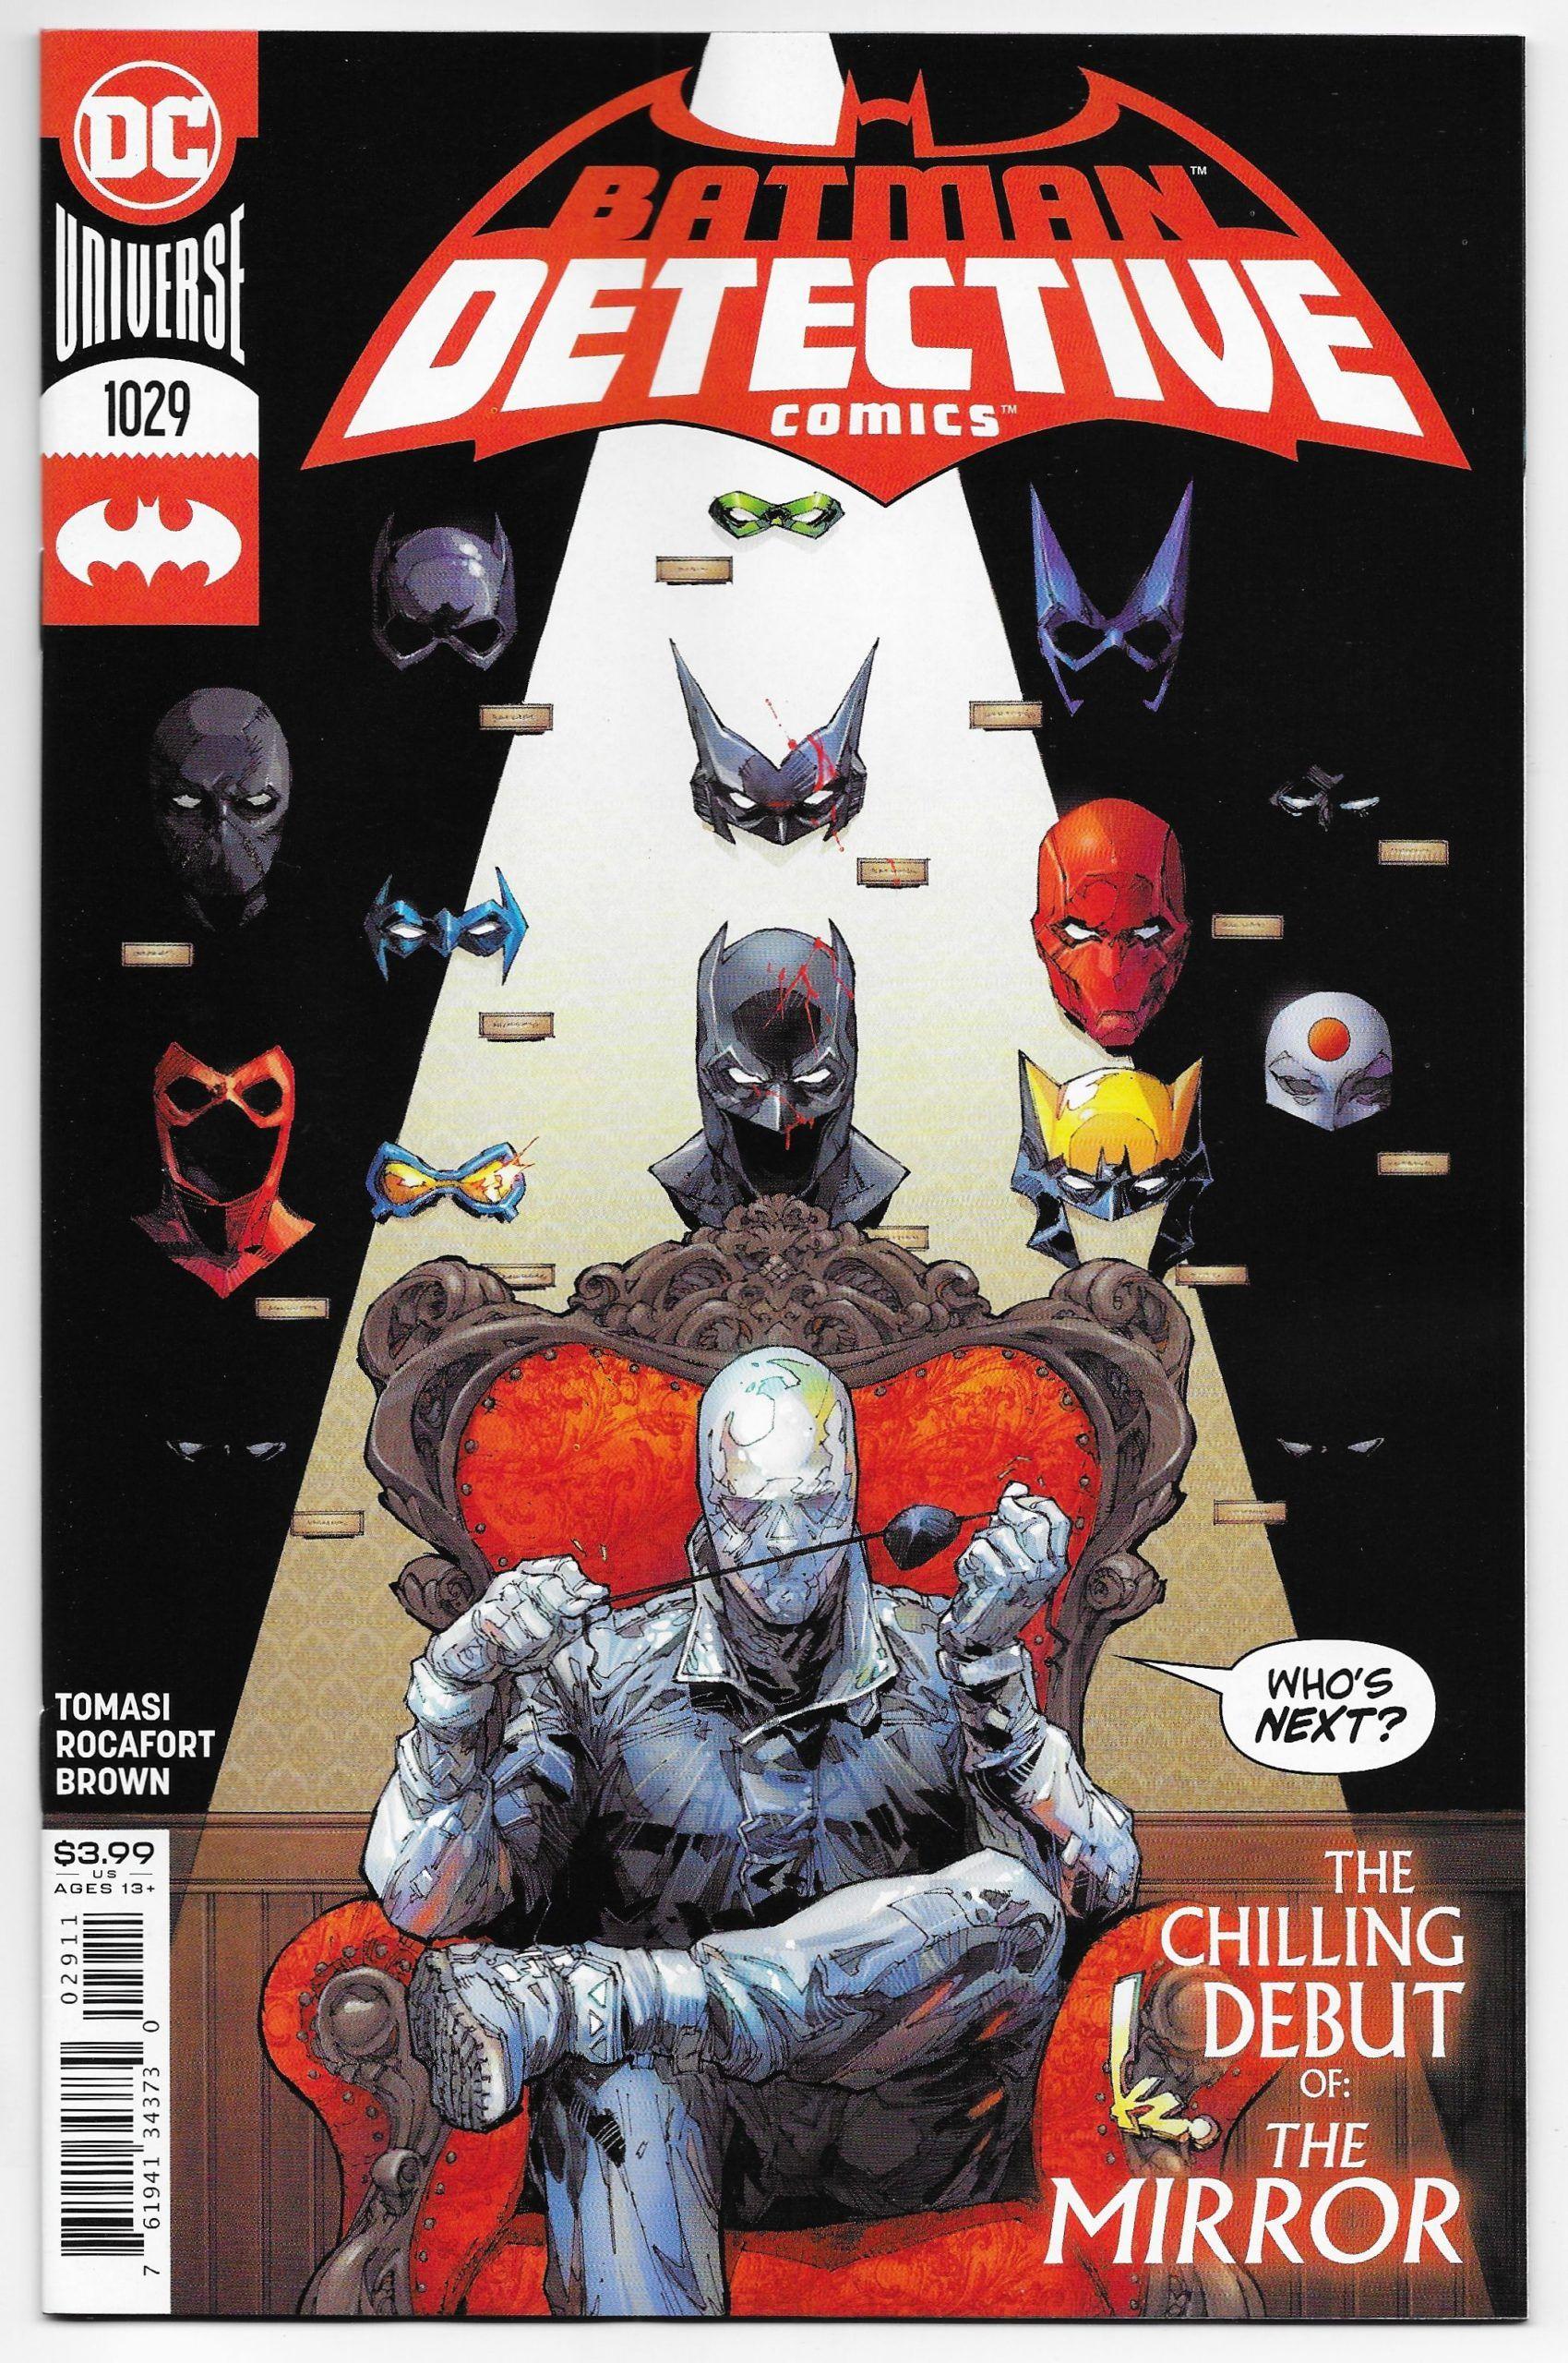 Batman Superman #8 DC COMICS  Cover A 1ST PRINT KANDOR